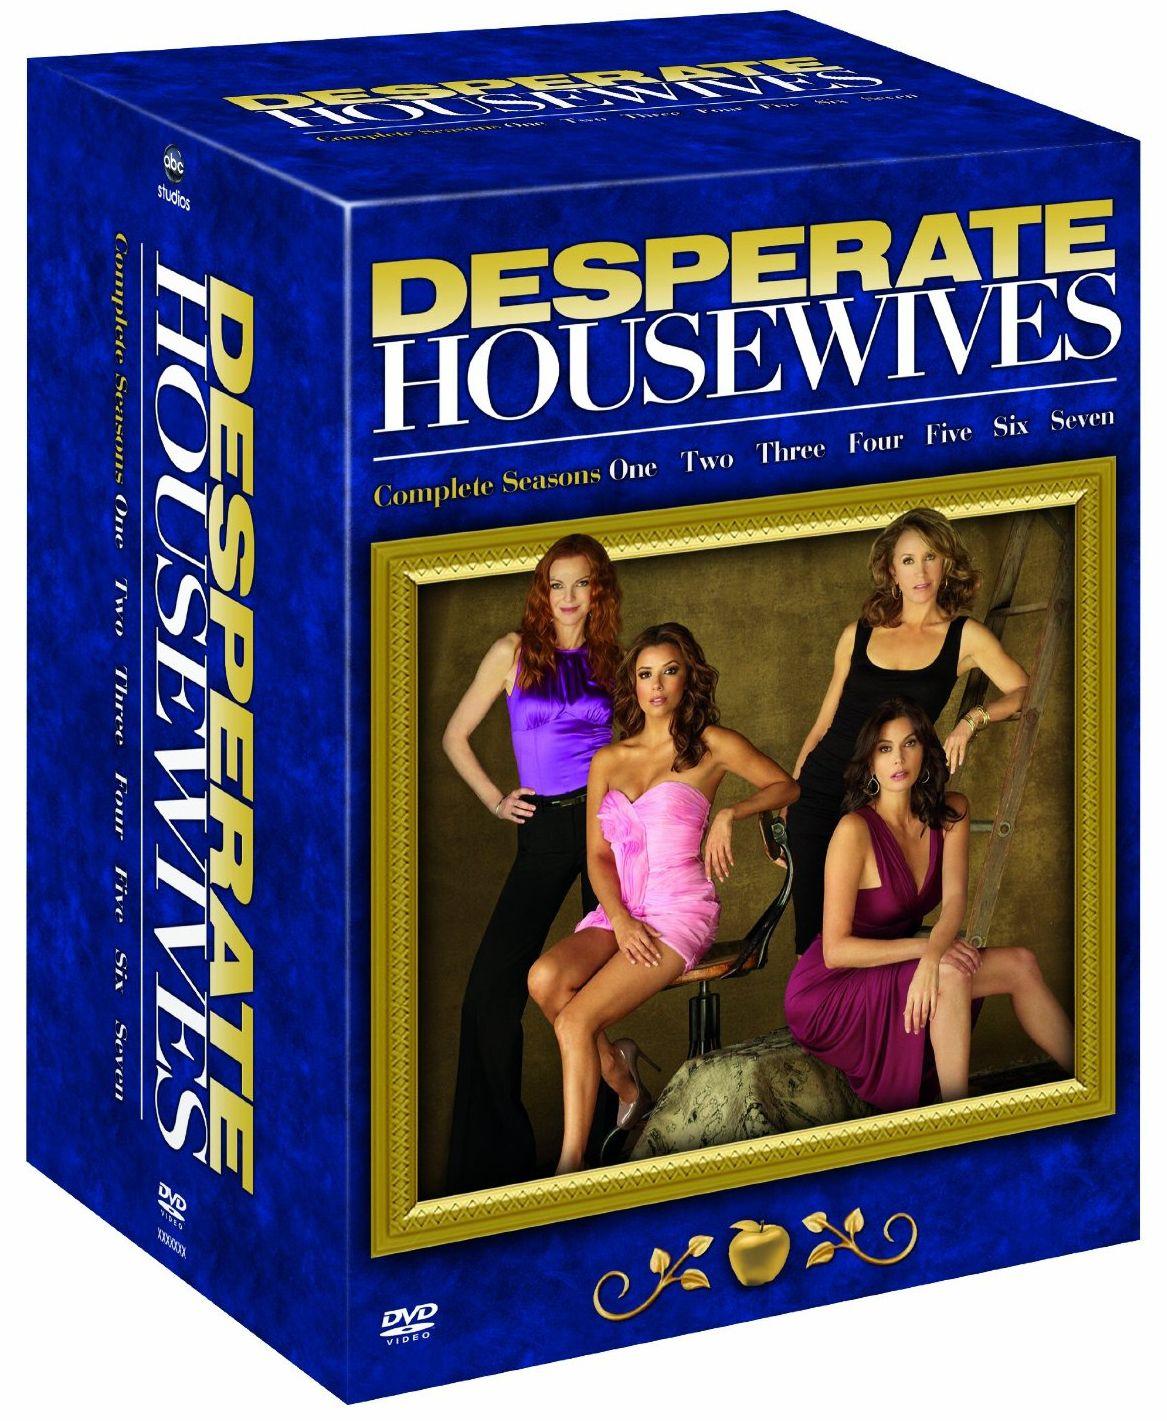 desperate housewives saison 1 7 en un seul coffret dvd. Black Bedroom Furniture Sets. Home Design Ideas